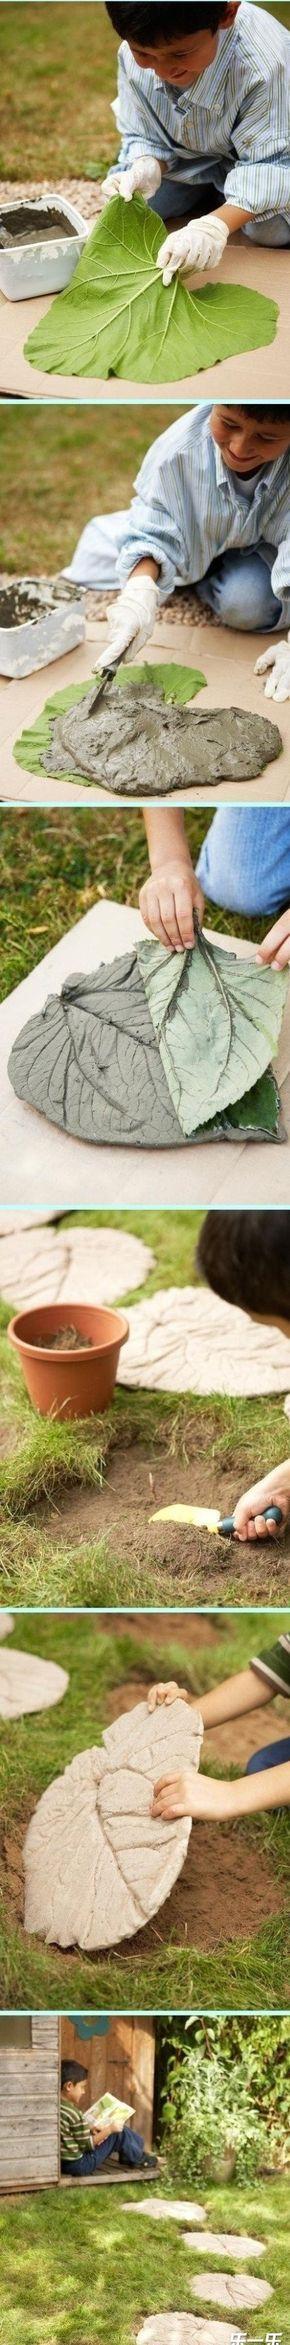 Die besten 25+ Garten trittsteine Ideen auf Pinterest - trittplatten selber machen